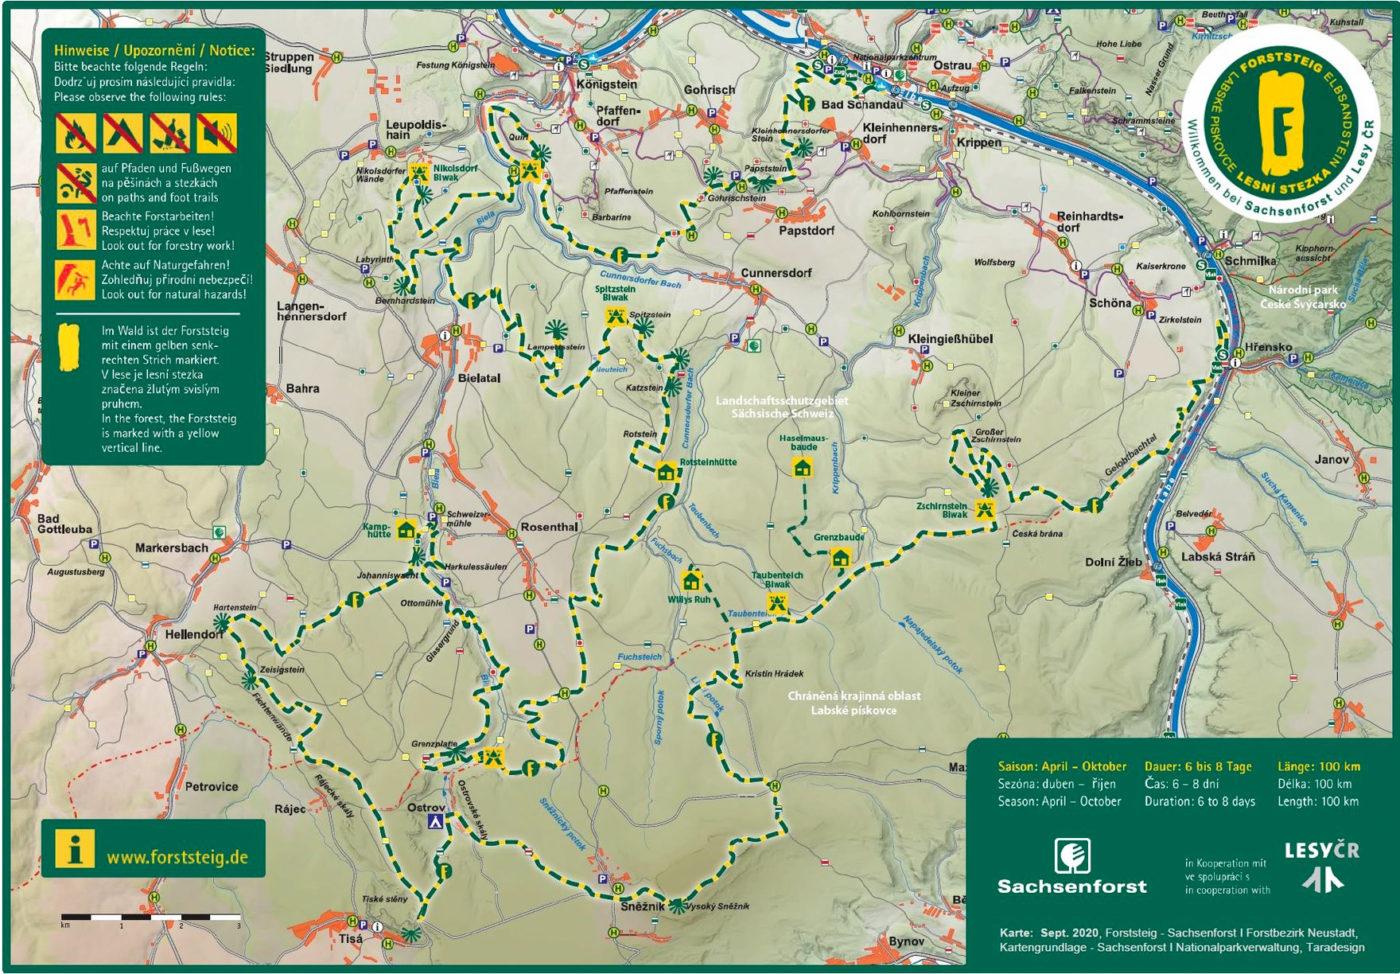 Übersichtskarte des Forststeigs